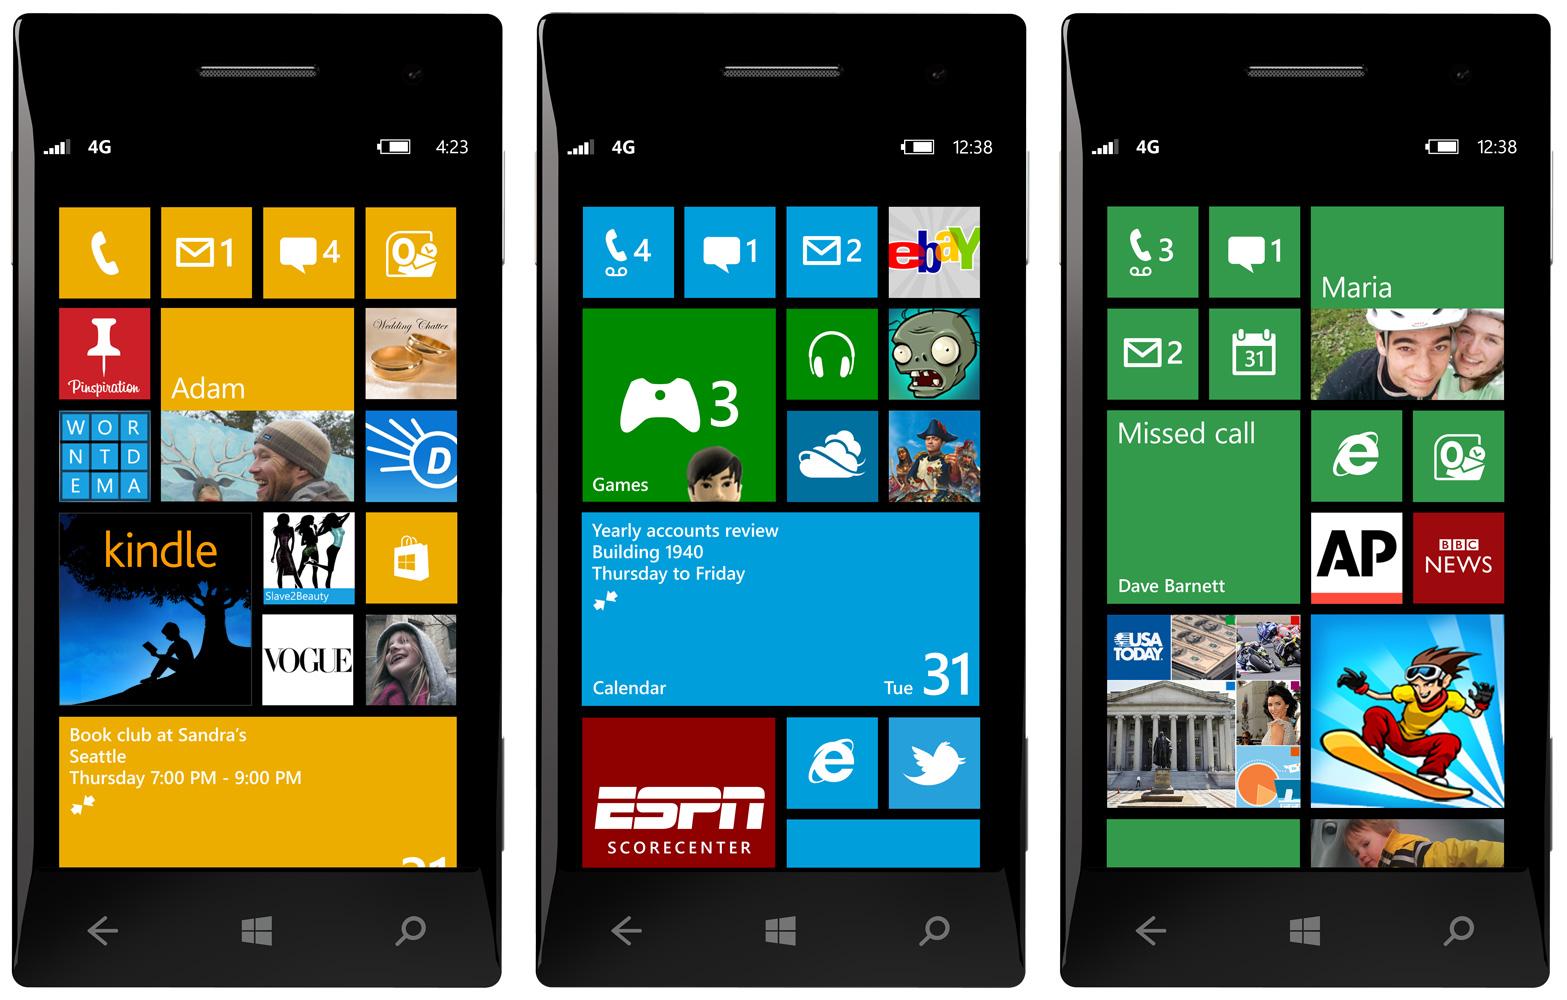 wp8-start-screen-apps.jpg